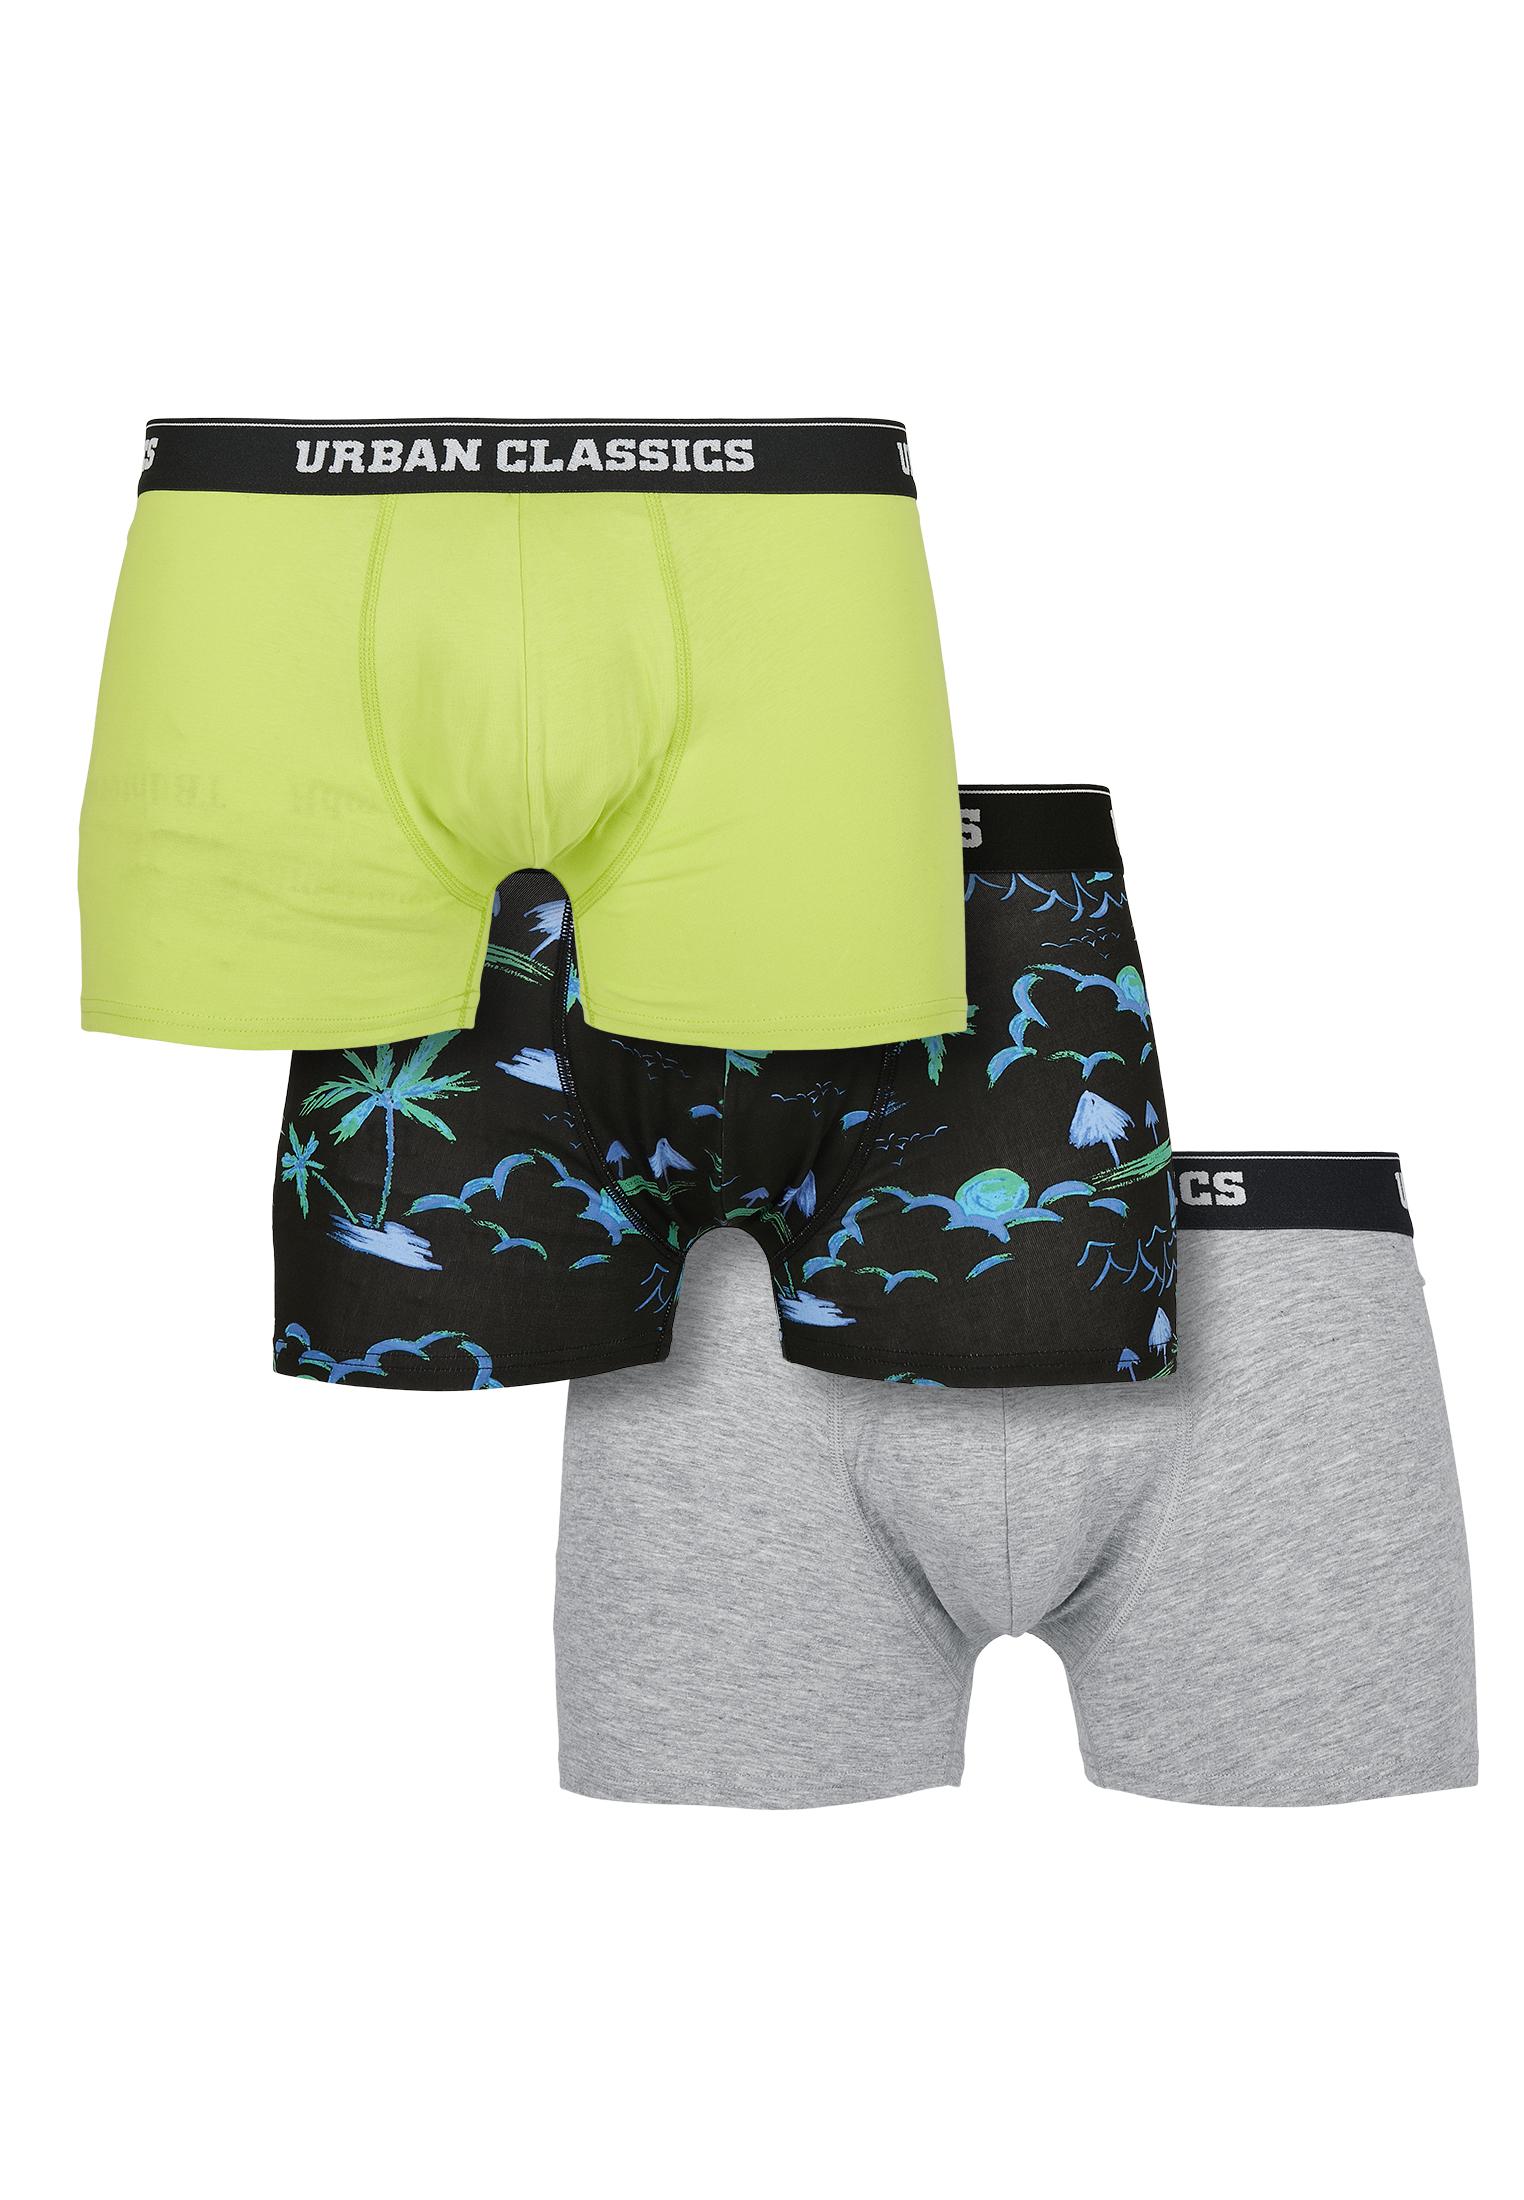 Nouveau Pack De 3 Reebok homme Millar Boxer Shorts Trunks couleur Moisture Wicking